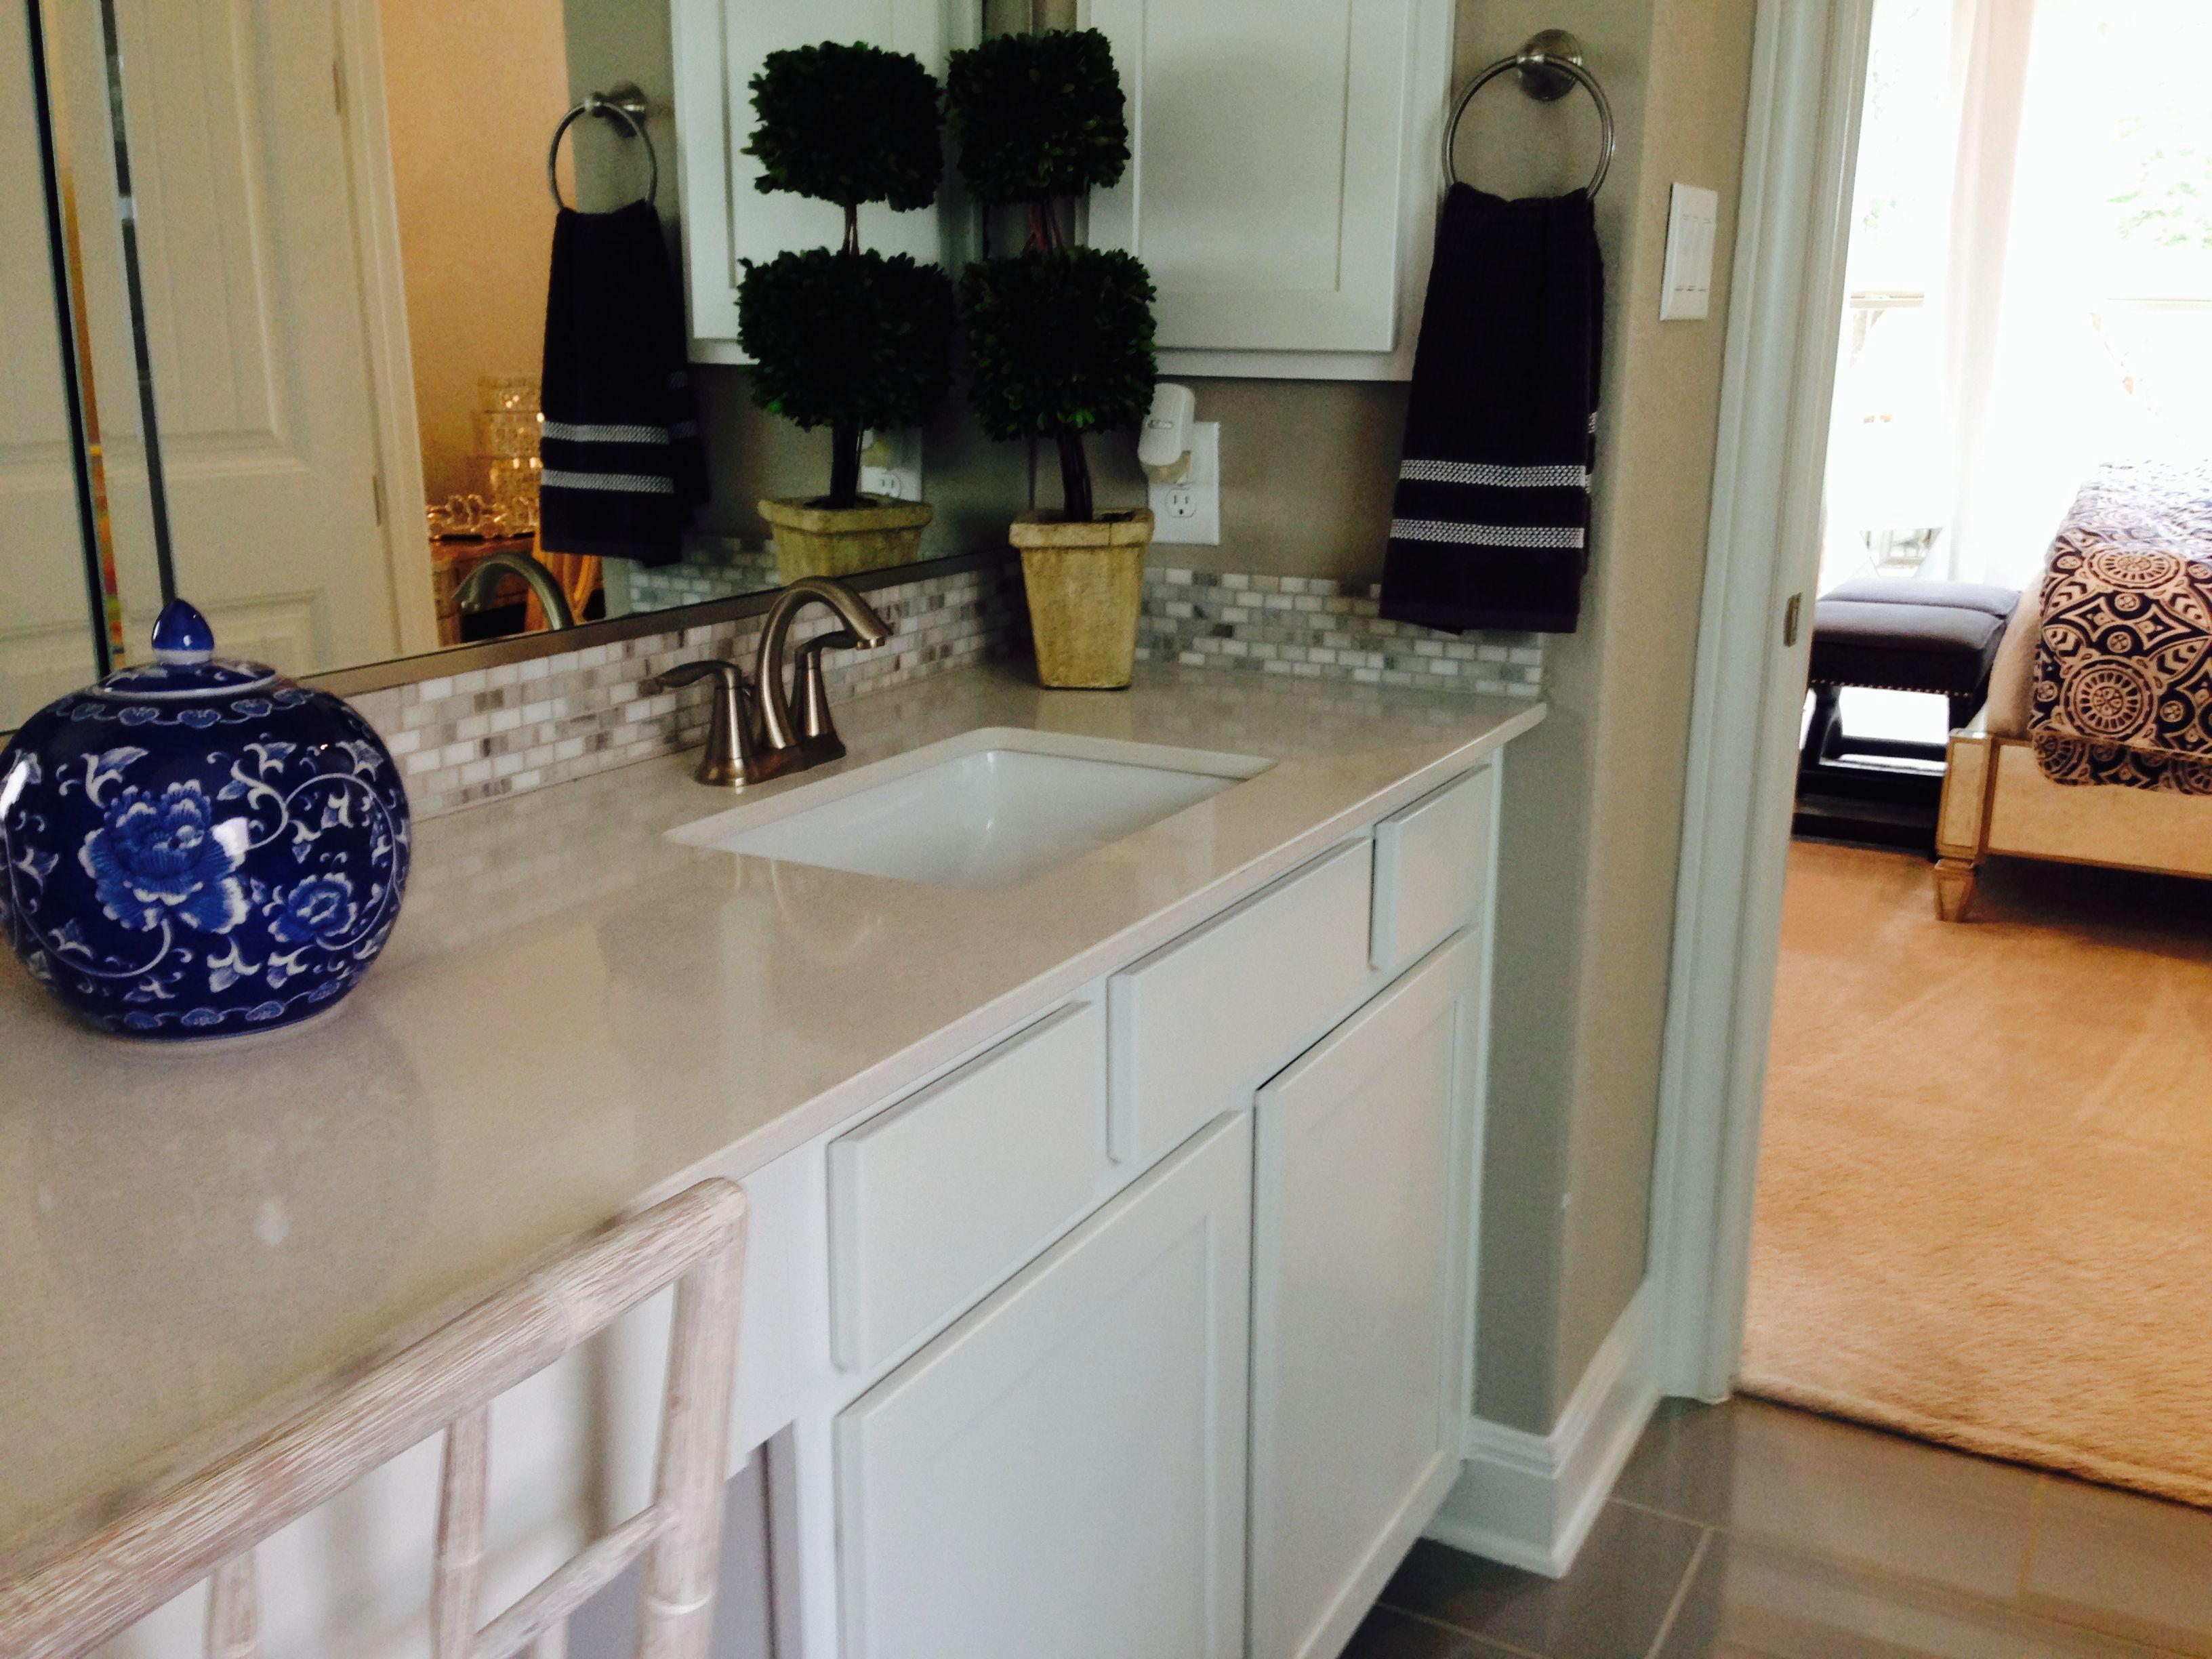 Master Bath Vanity Silestone Counter With Decorative Mosaic Tile Backsplash